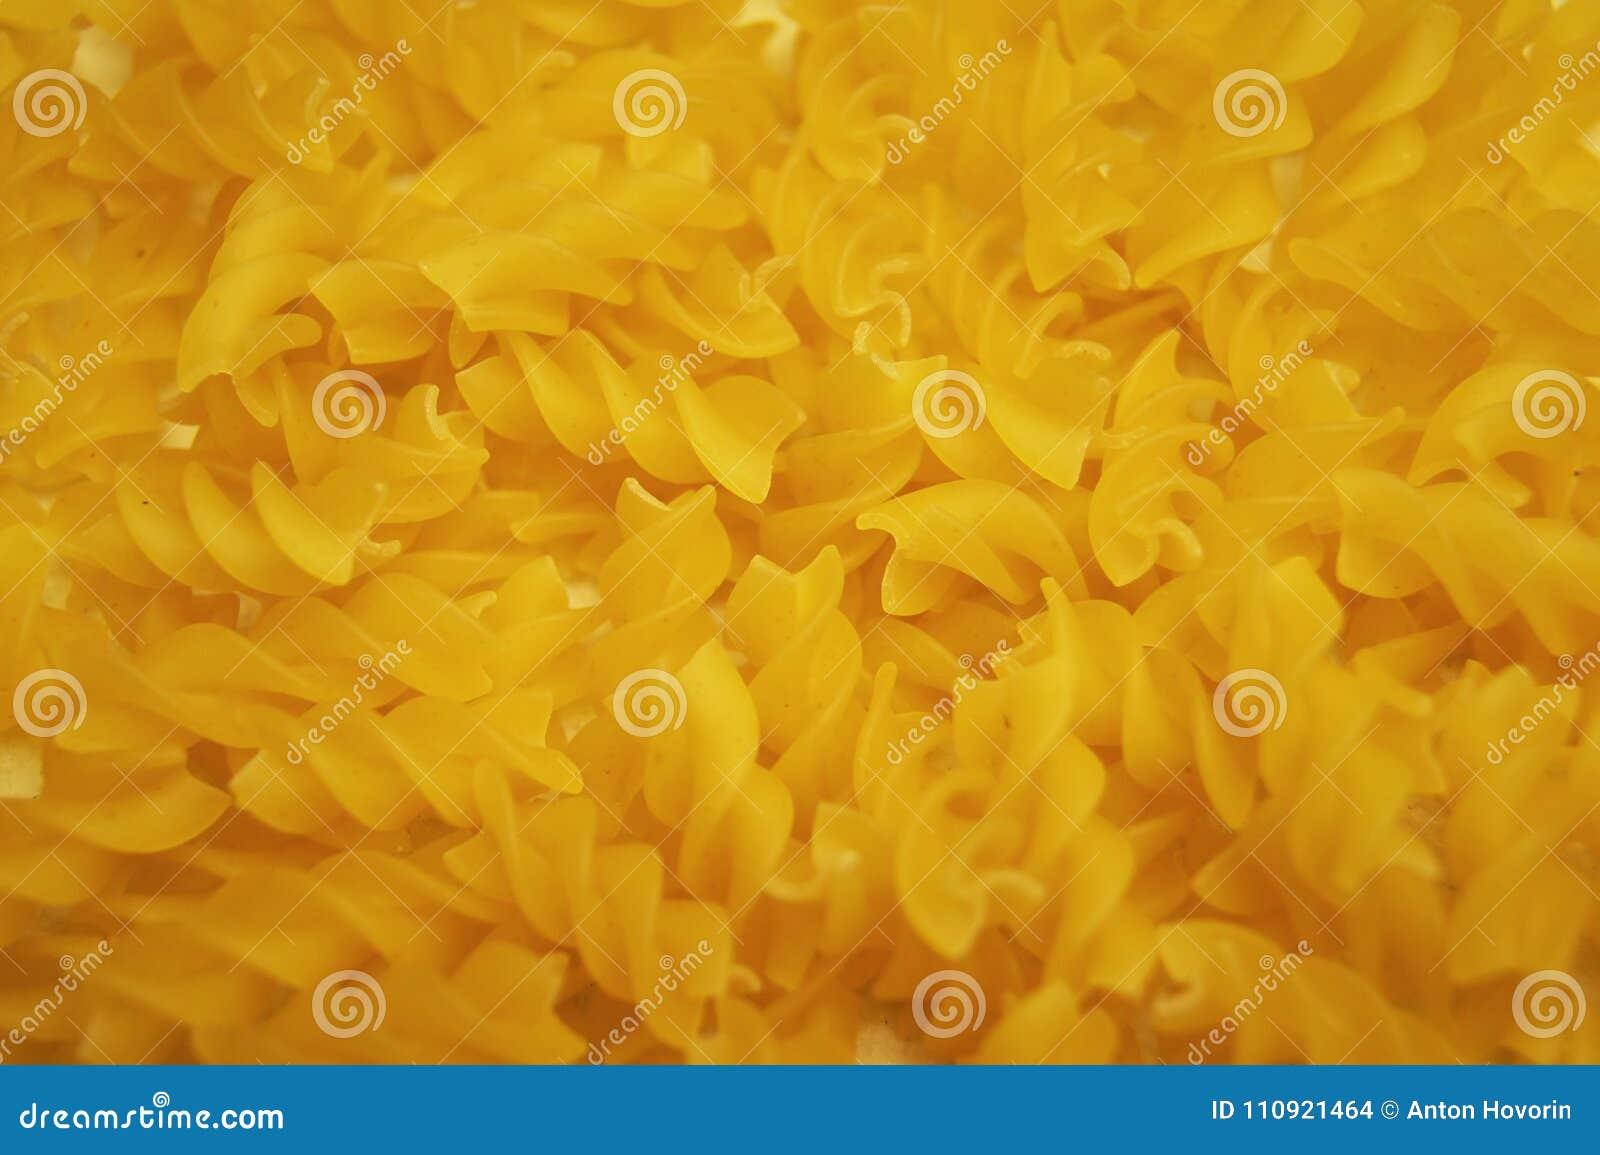 Pasta spirals background